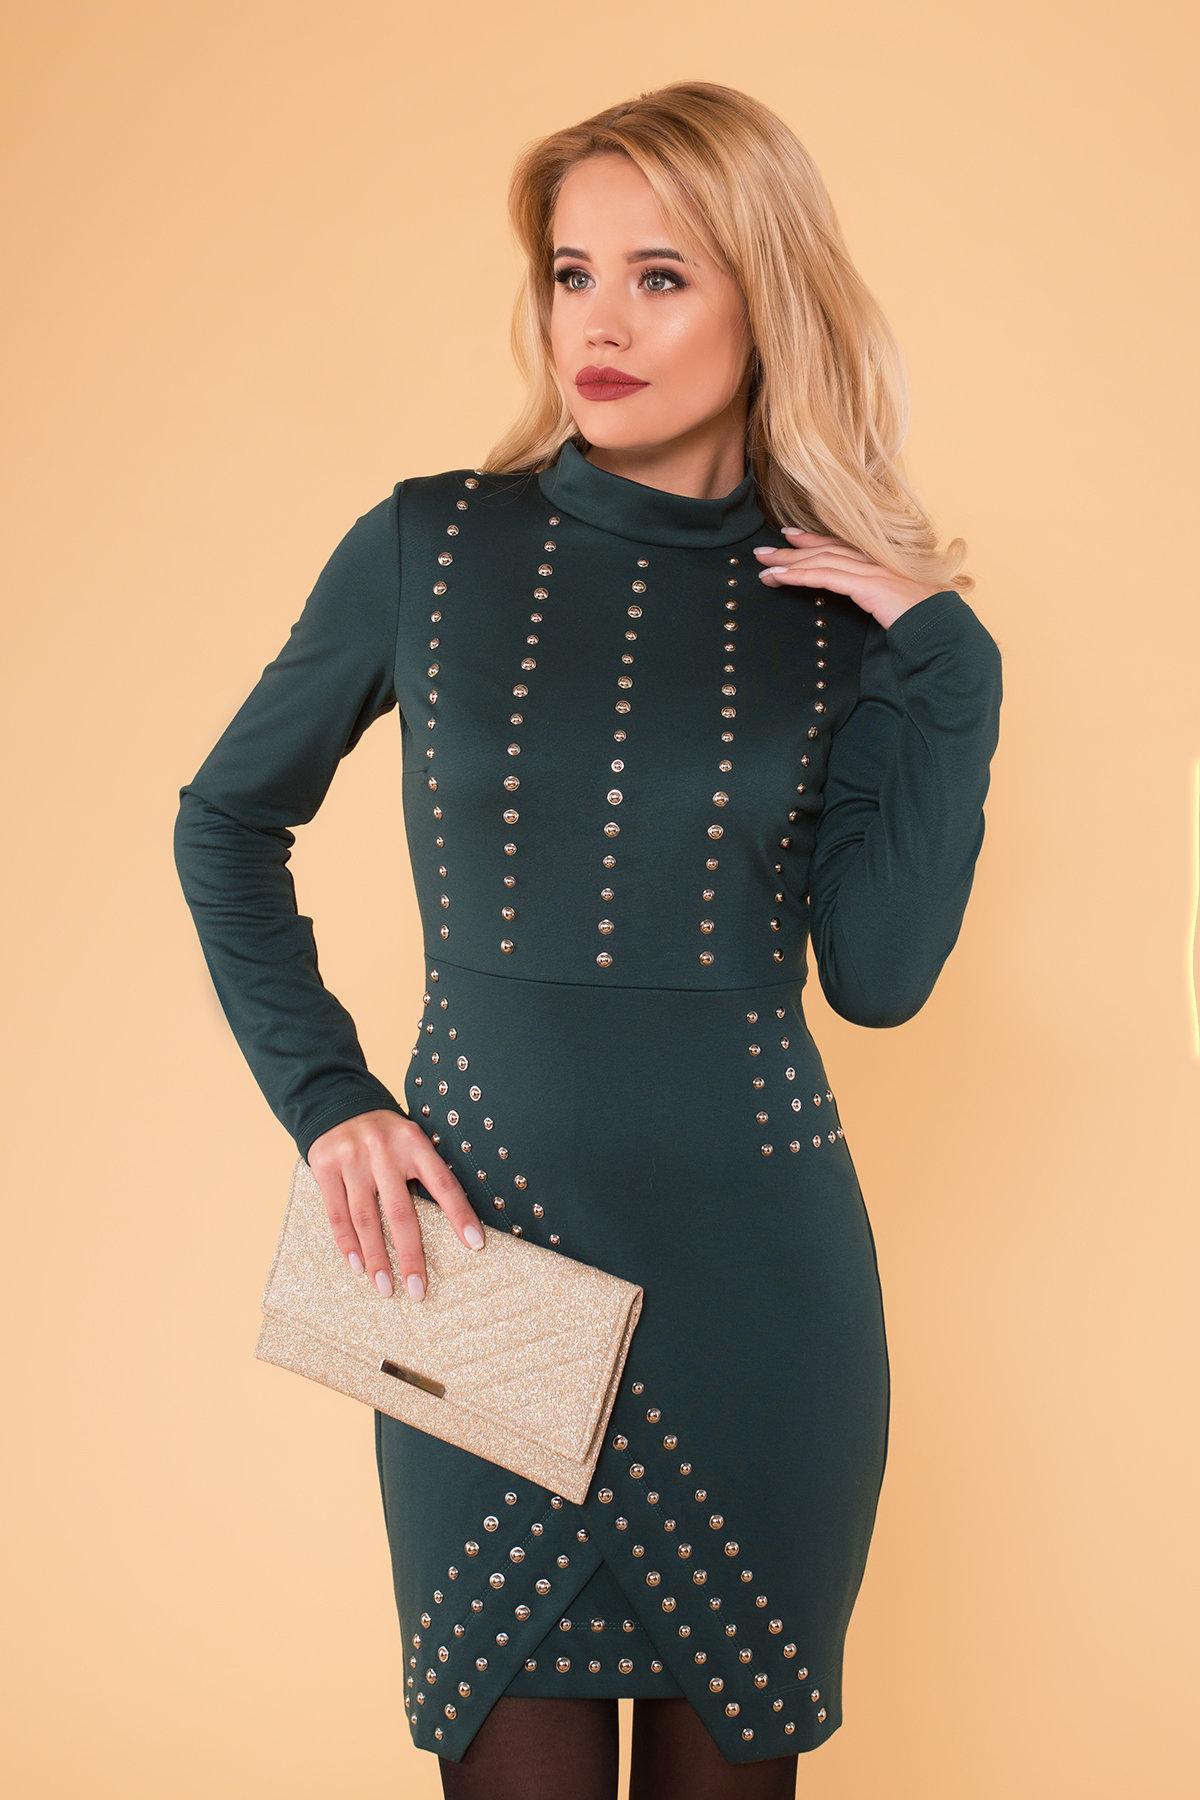 Облегающее короткое Платье Дюке 4430 АРТ. 21291 Цвет: Зеленый - фото 3, интернет магазин tm-modus.ru